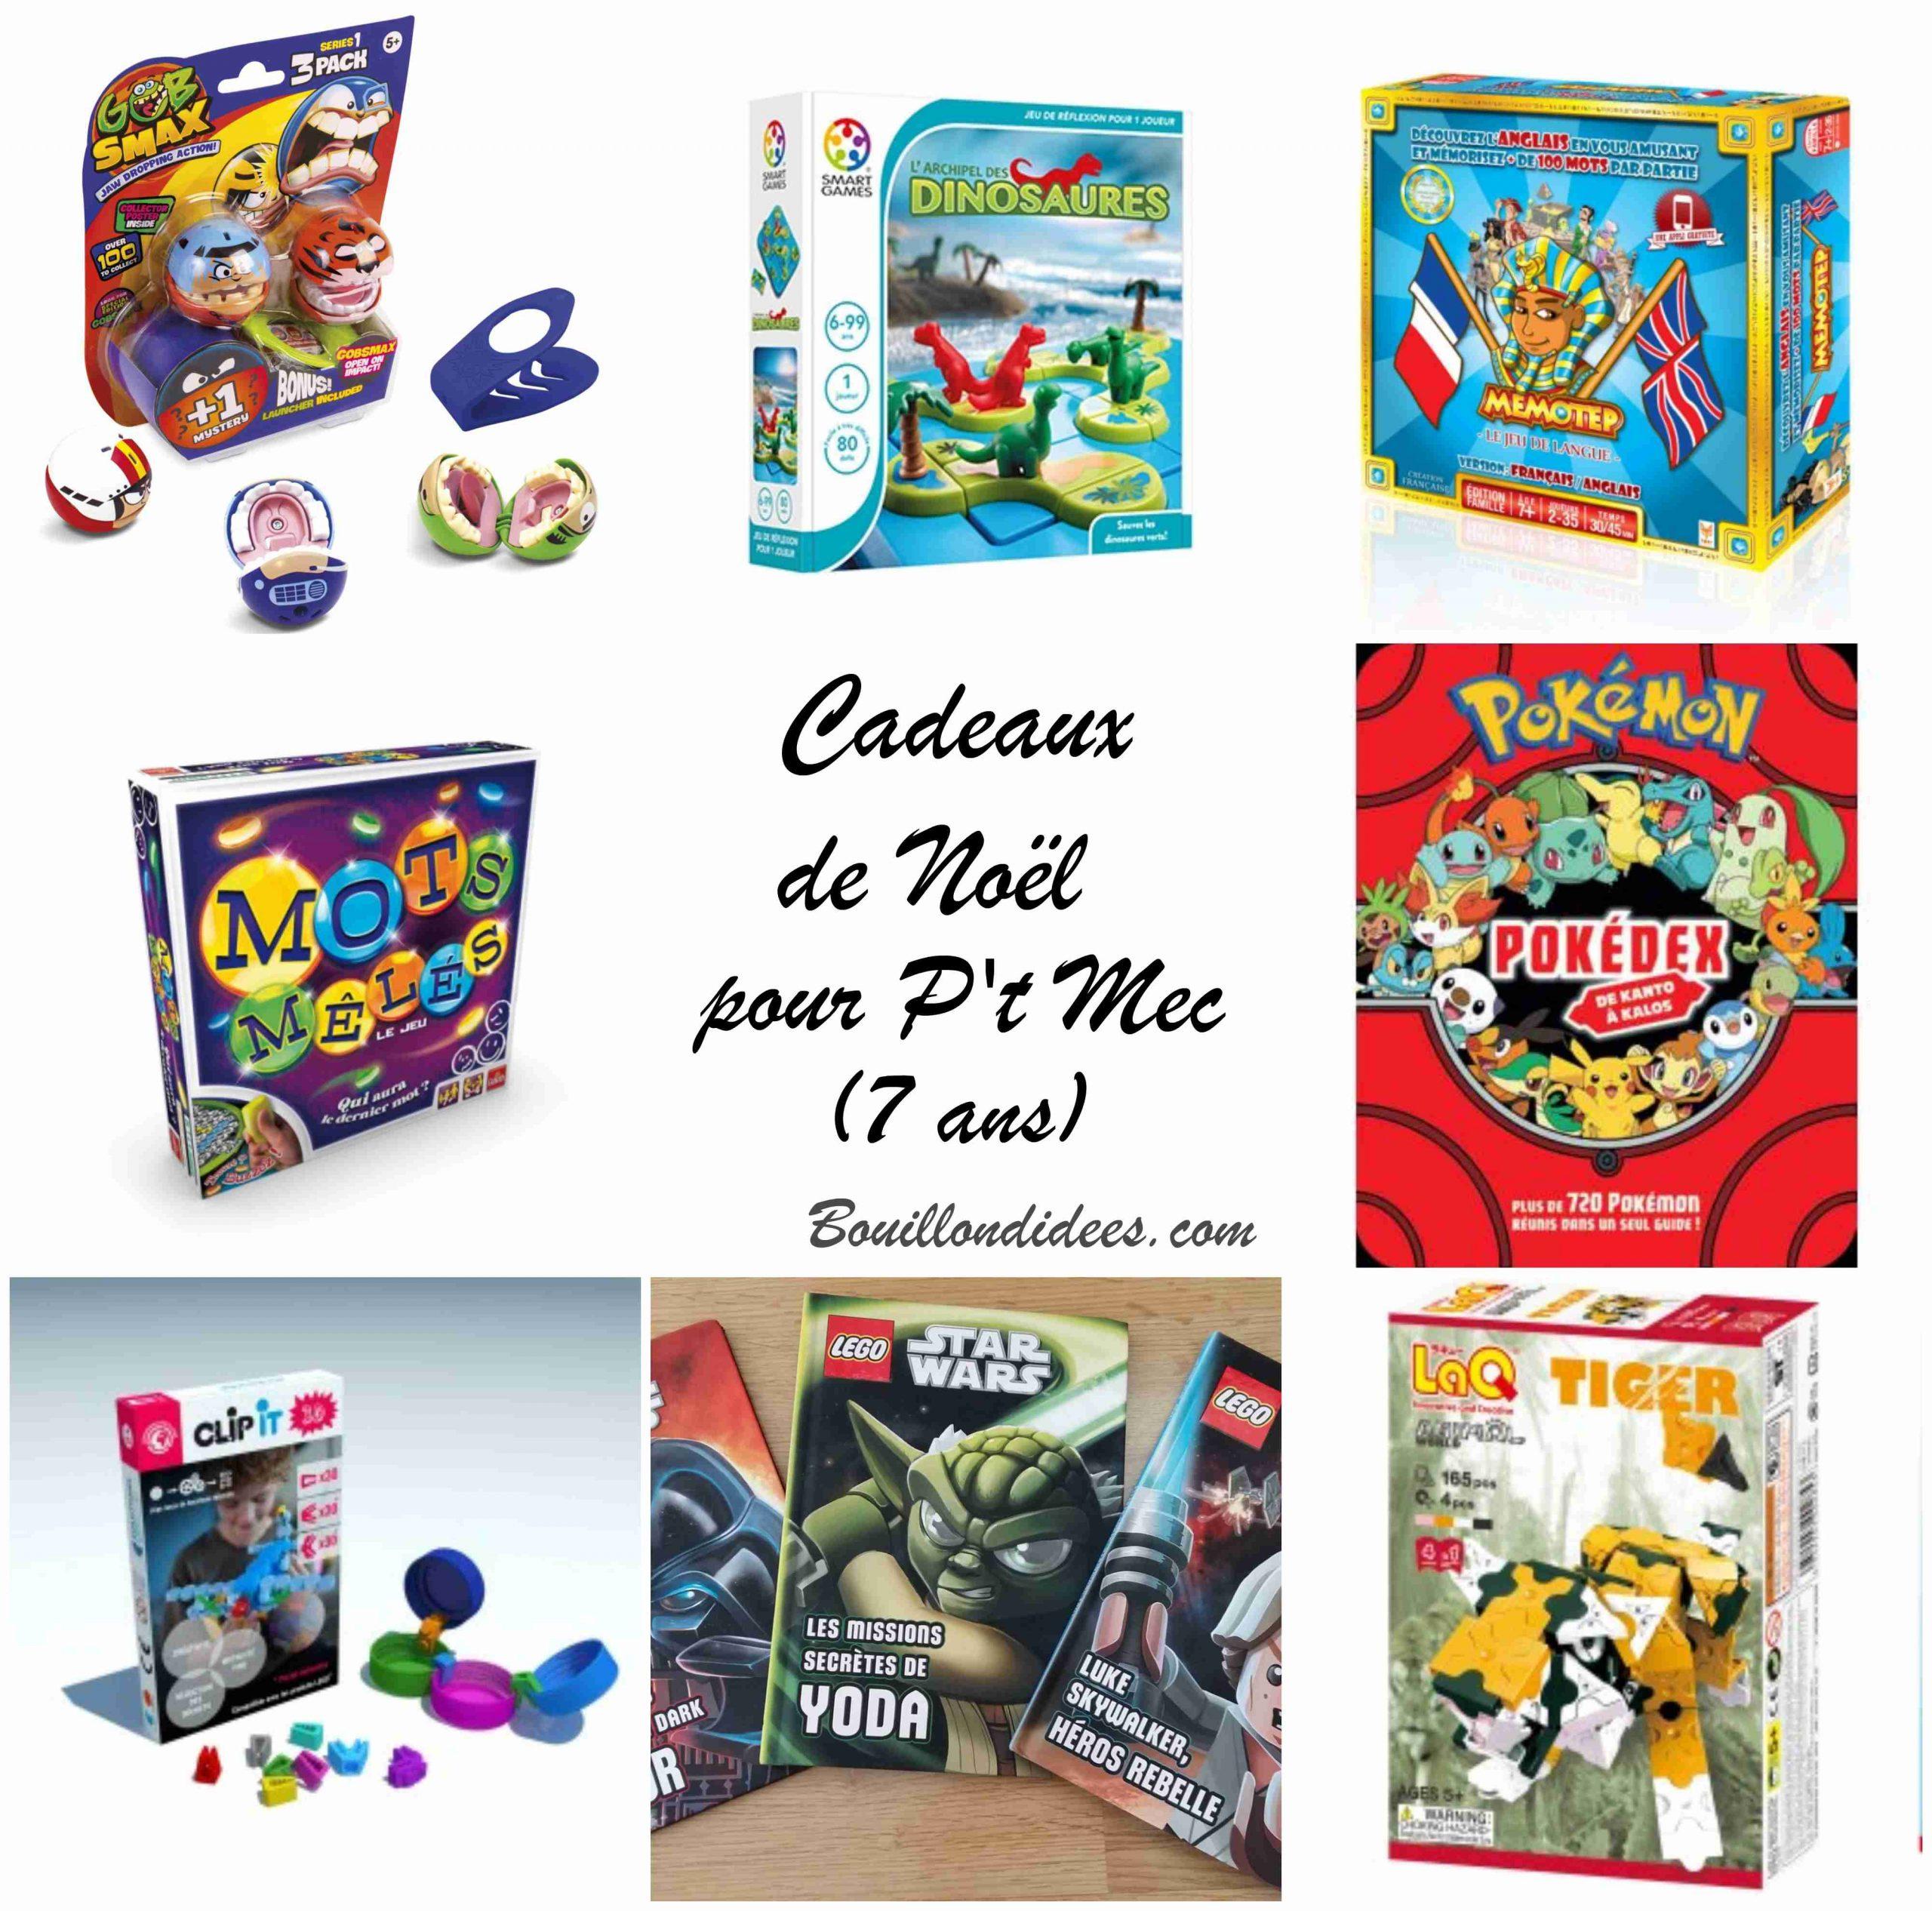 Wishlist Pour Loulou - Cadeaux De Noël Pour Garçon (7 Ans) destiné Jeux Garcon 5 Ans